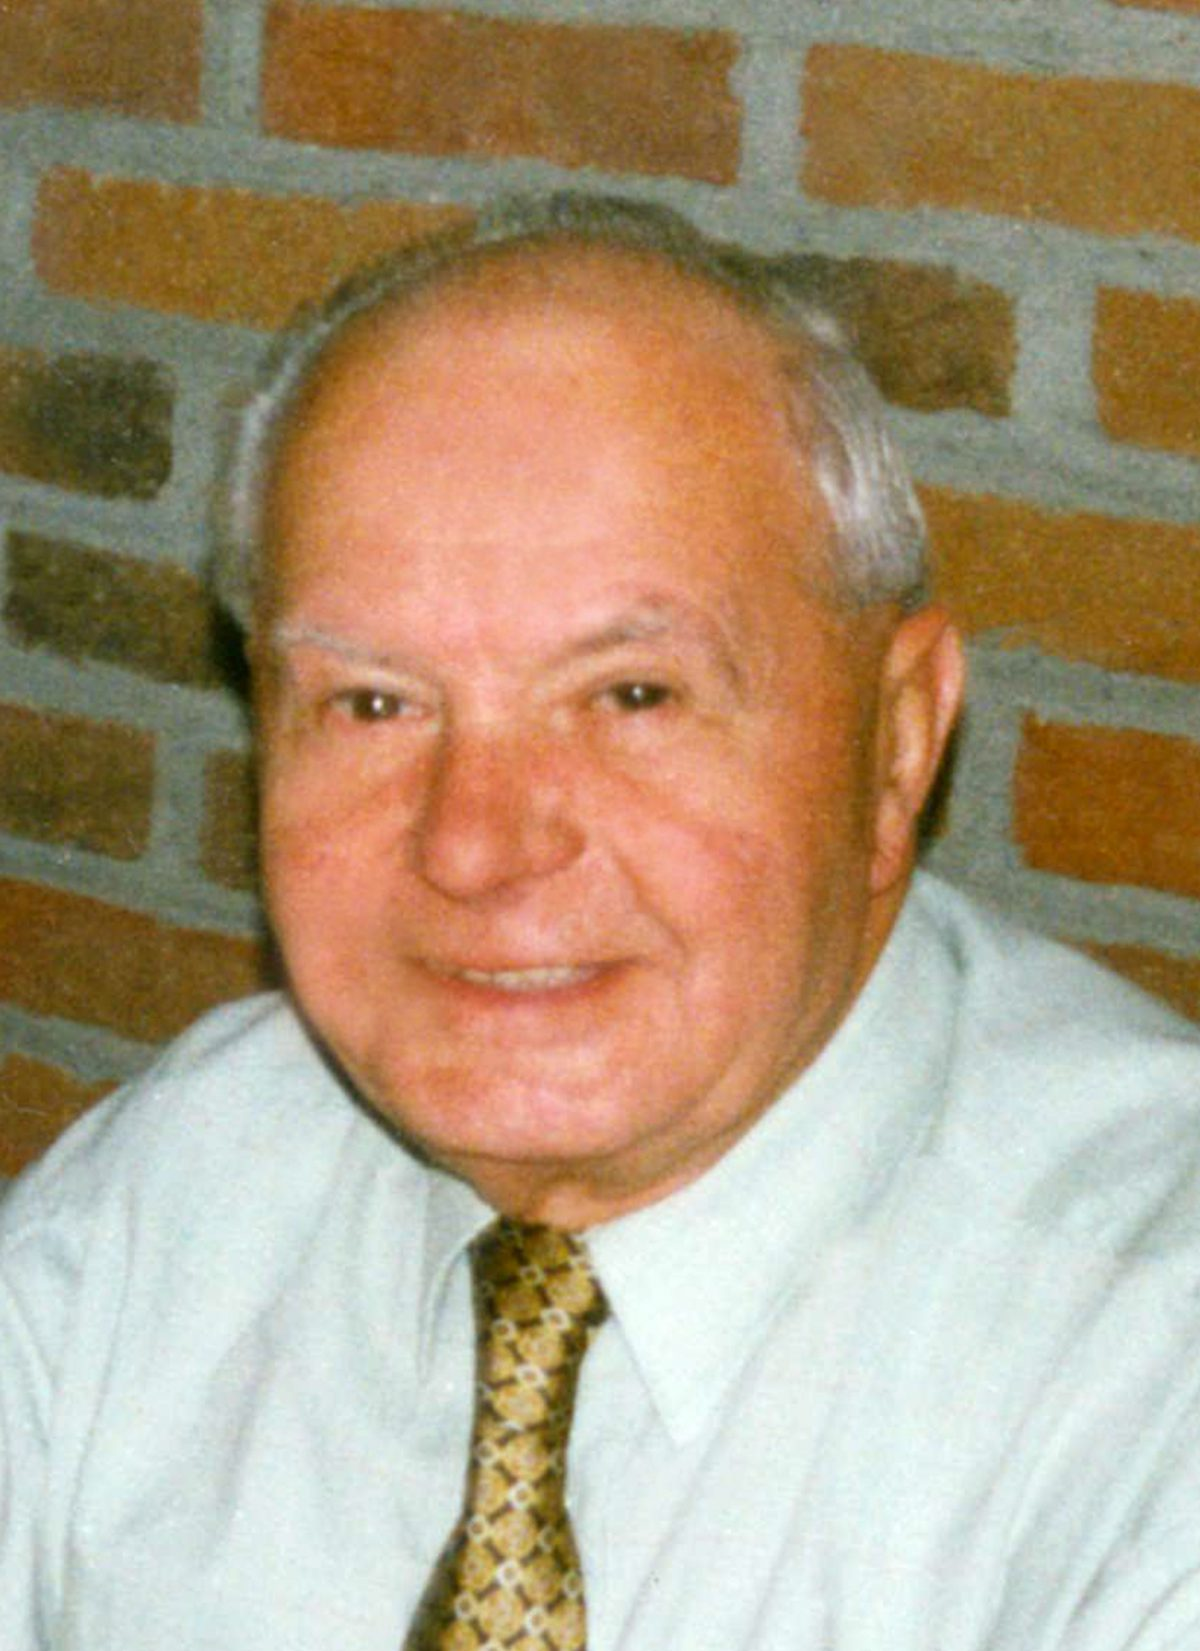 Guillaume Gielen